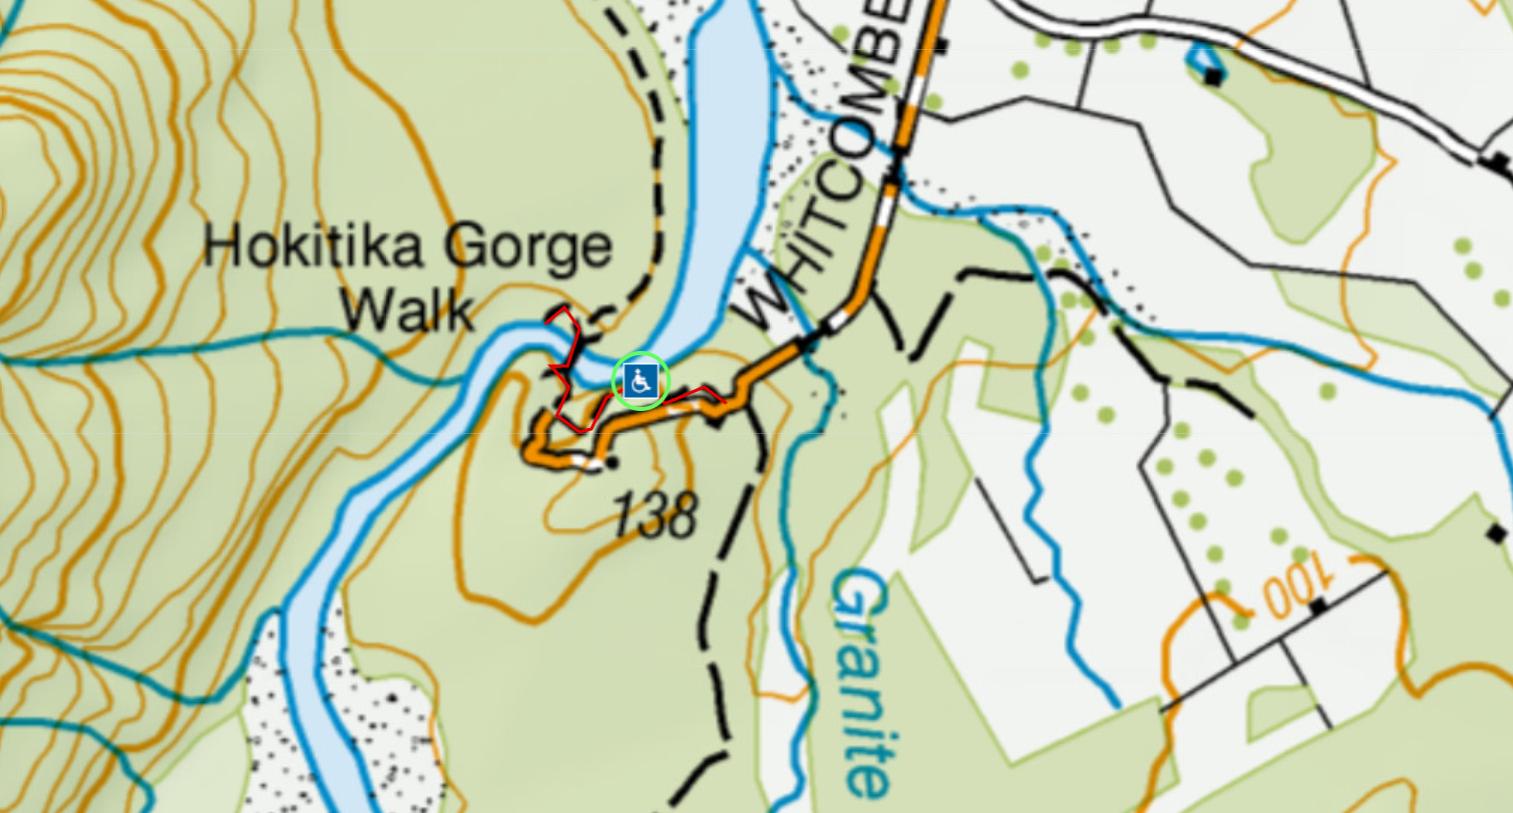 Hokitika-Gorge-Walk-Map.2